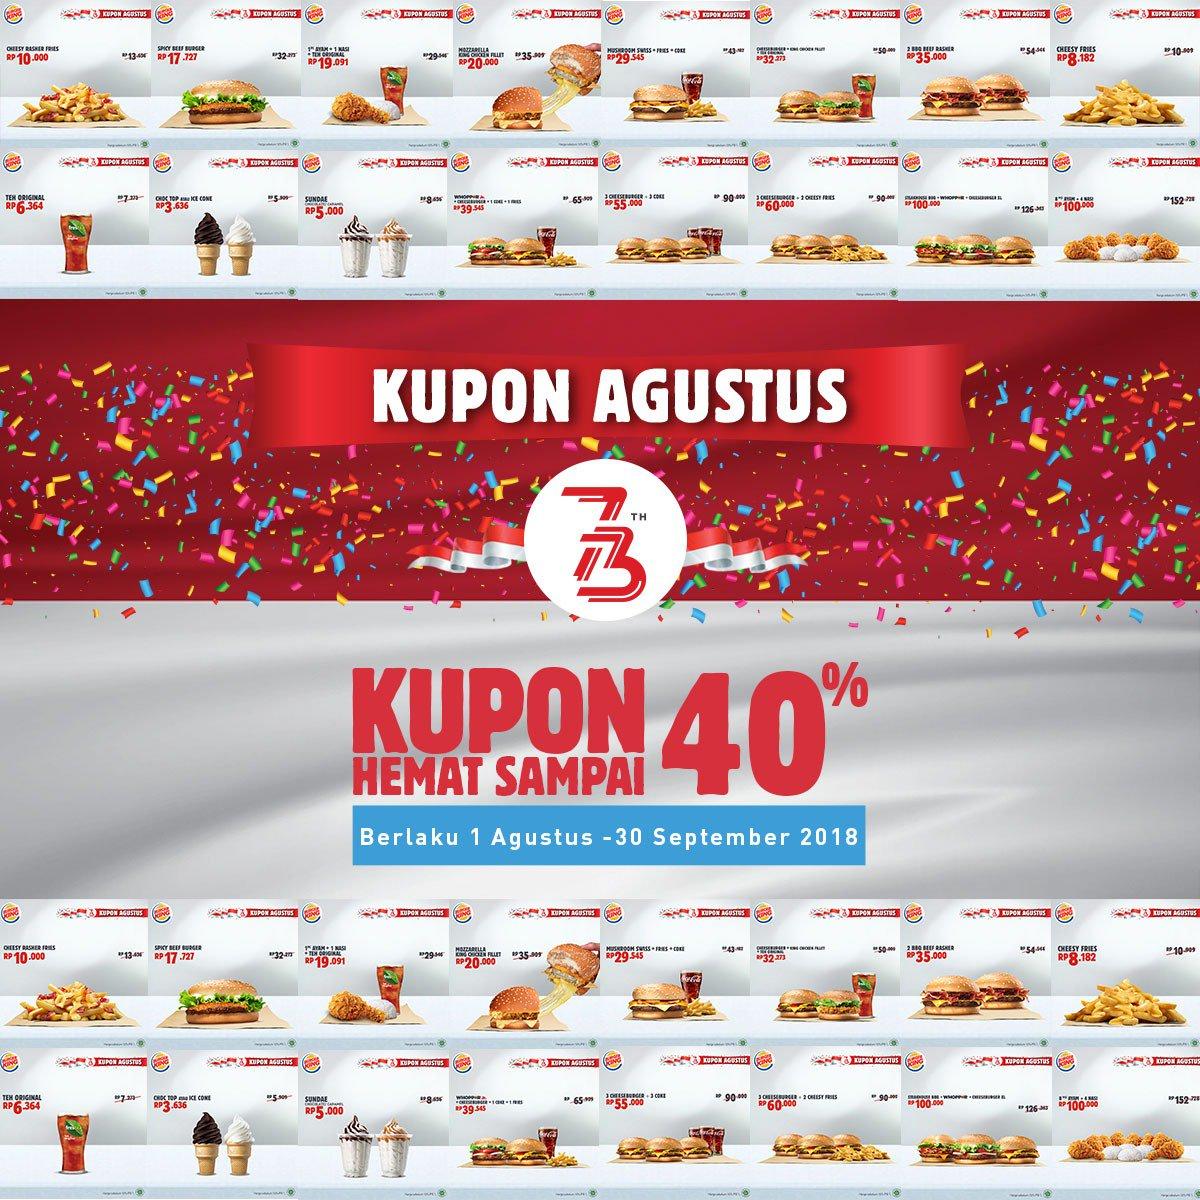 BurgerKing - Kupon Diskon s.d 40% Bulan Agustus 2018